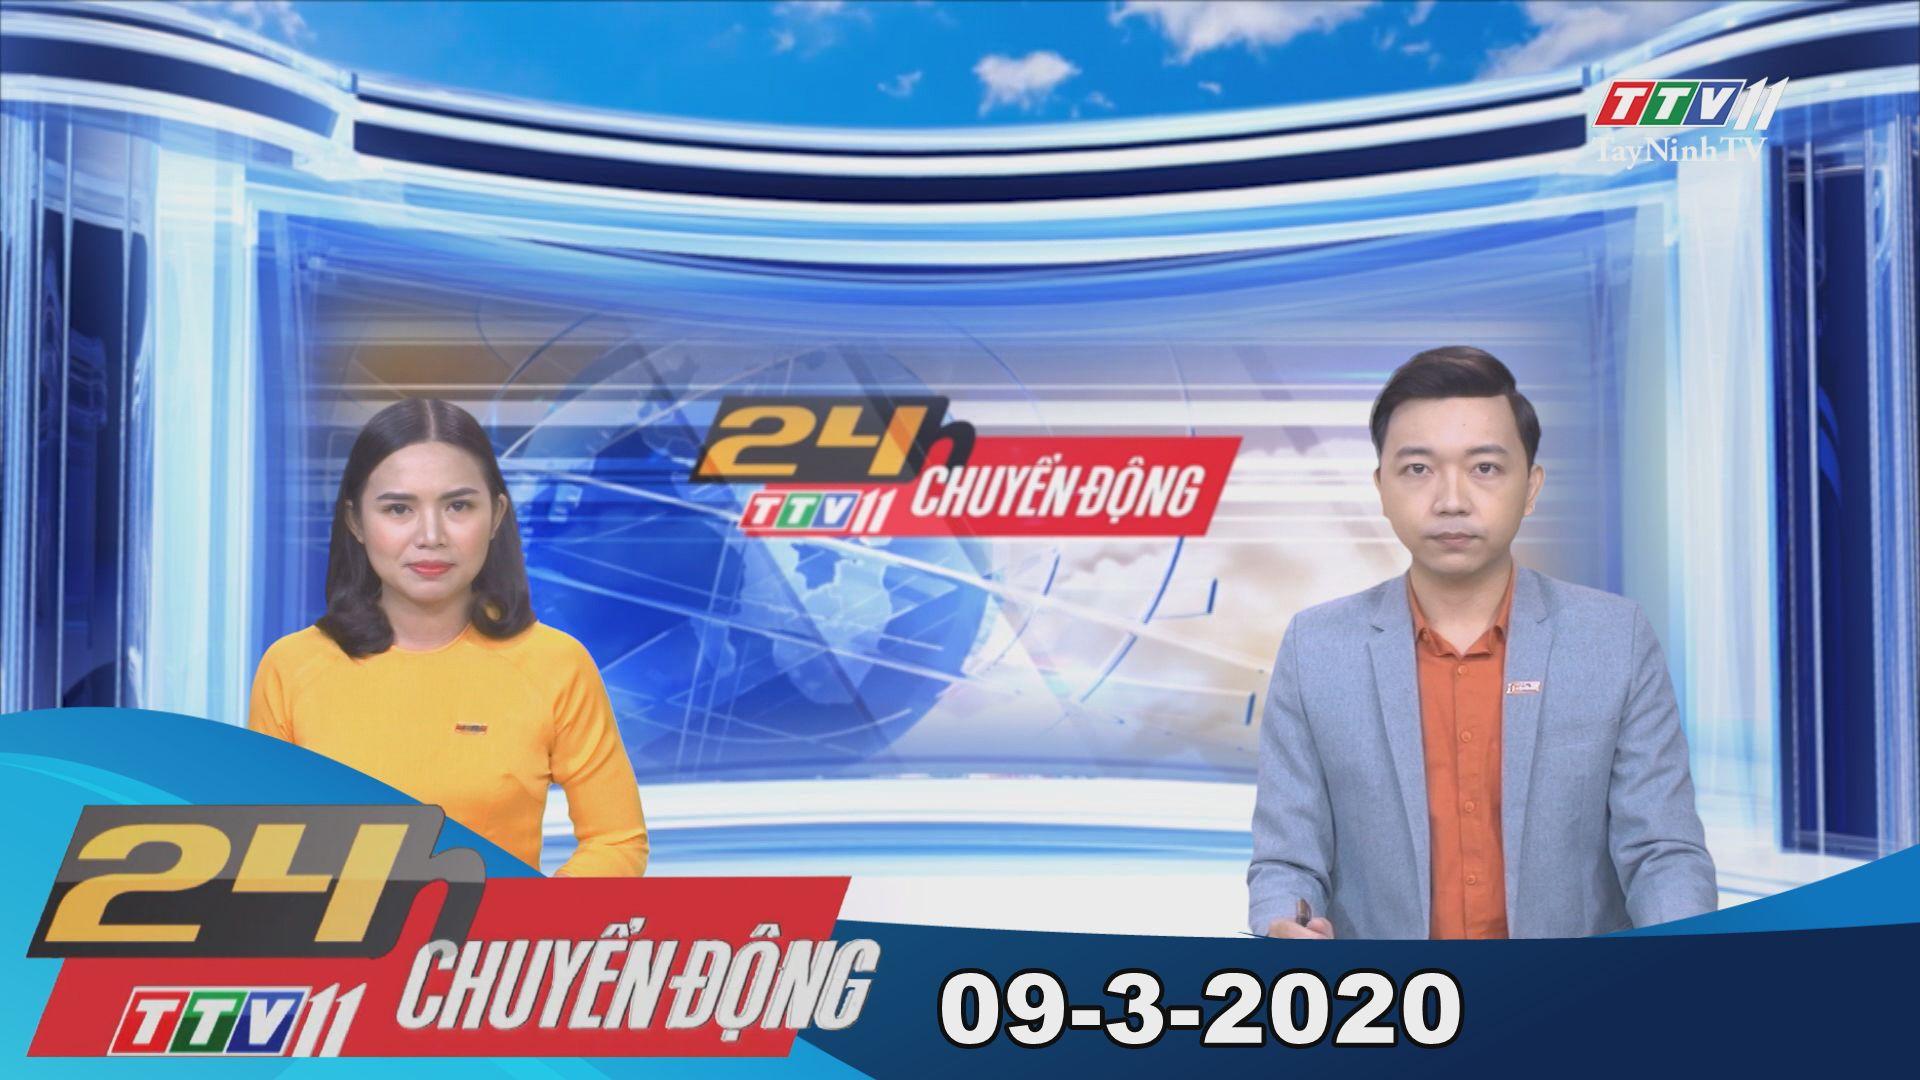 24h Chuyển động 09-3-2020 | Tin tức hôm nay | TayNinhTV